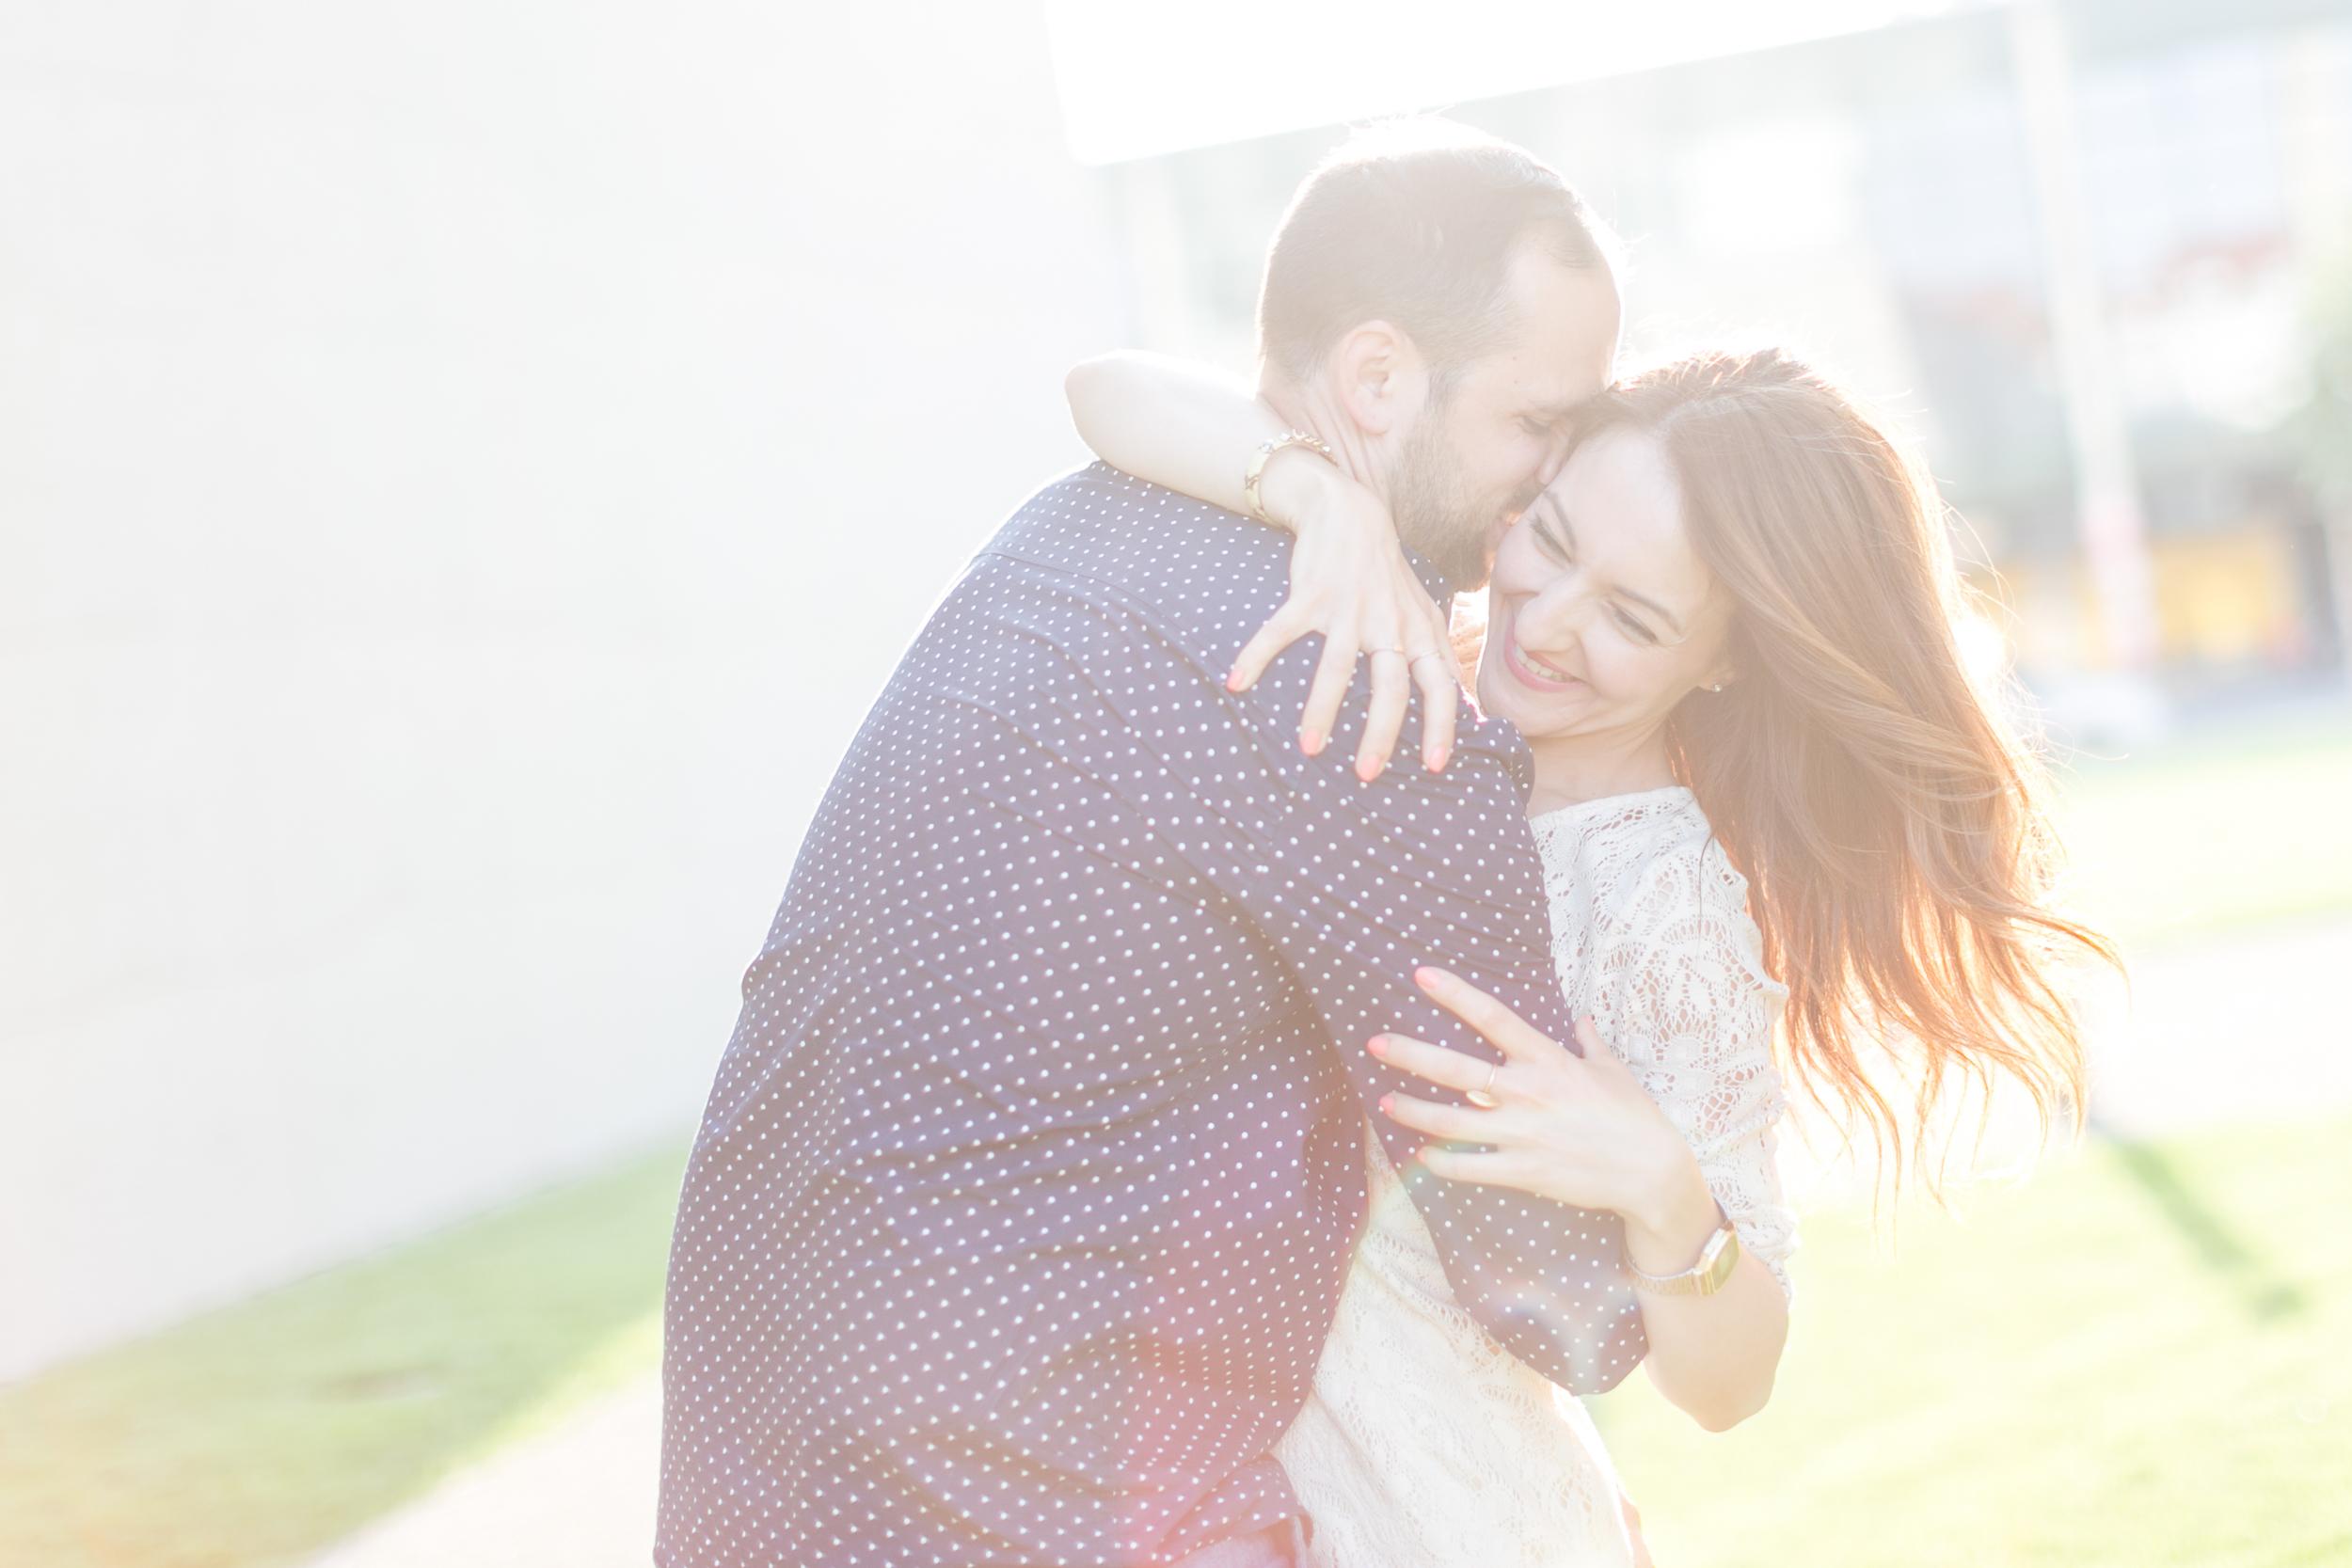 coupleshoot-munich-fun-love.jpg